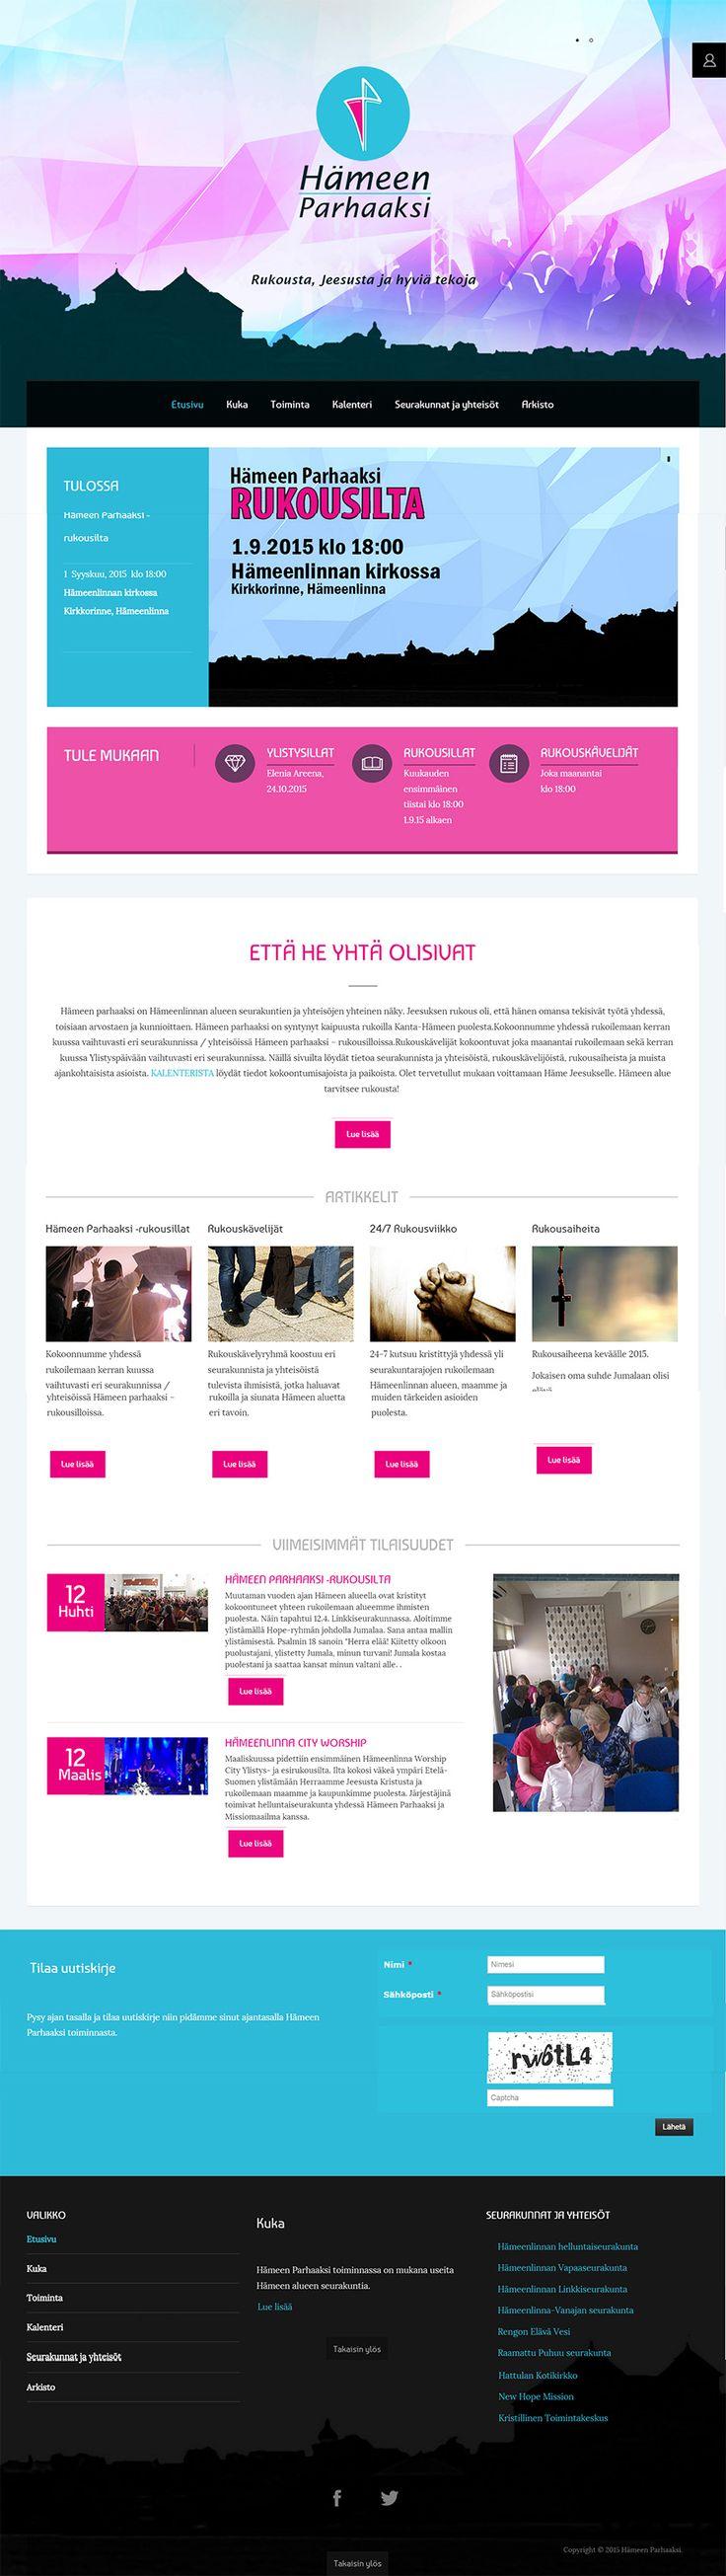 Hämeen Parhaaksi -nettisivusto suunniteltiin ja rakennettiin Joomlashinen valmista teemaa kustomoiden asiakkaiden tarpeiden mukaisesti.